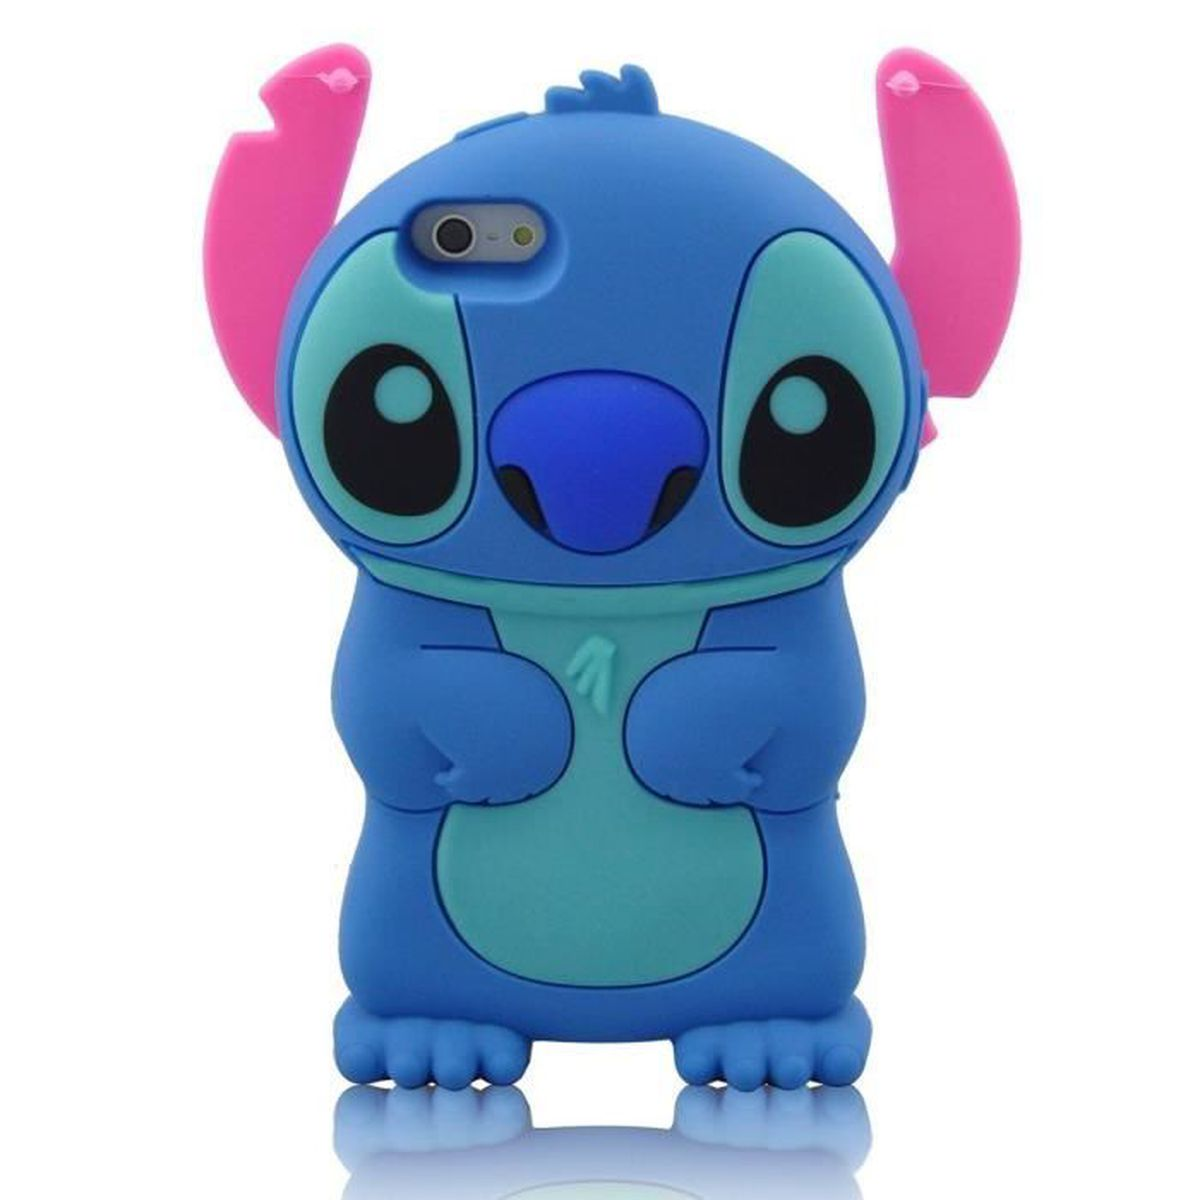 coque iphone 5 stitch 3d